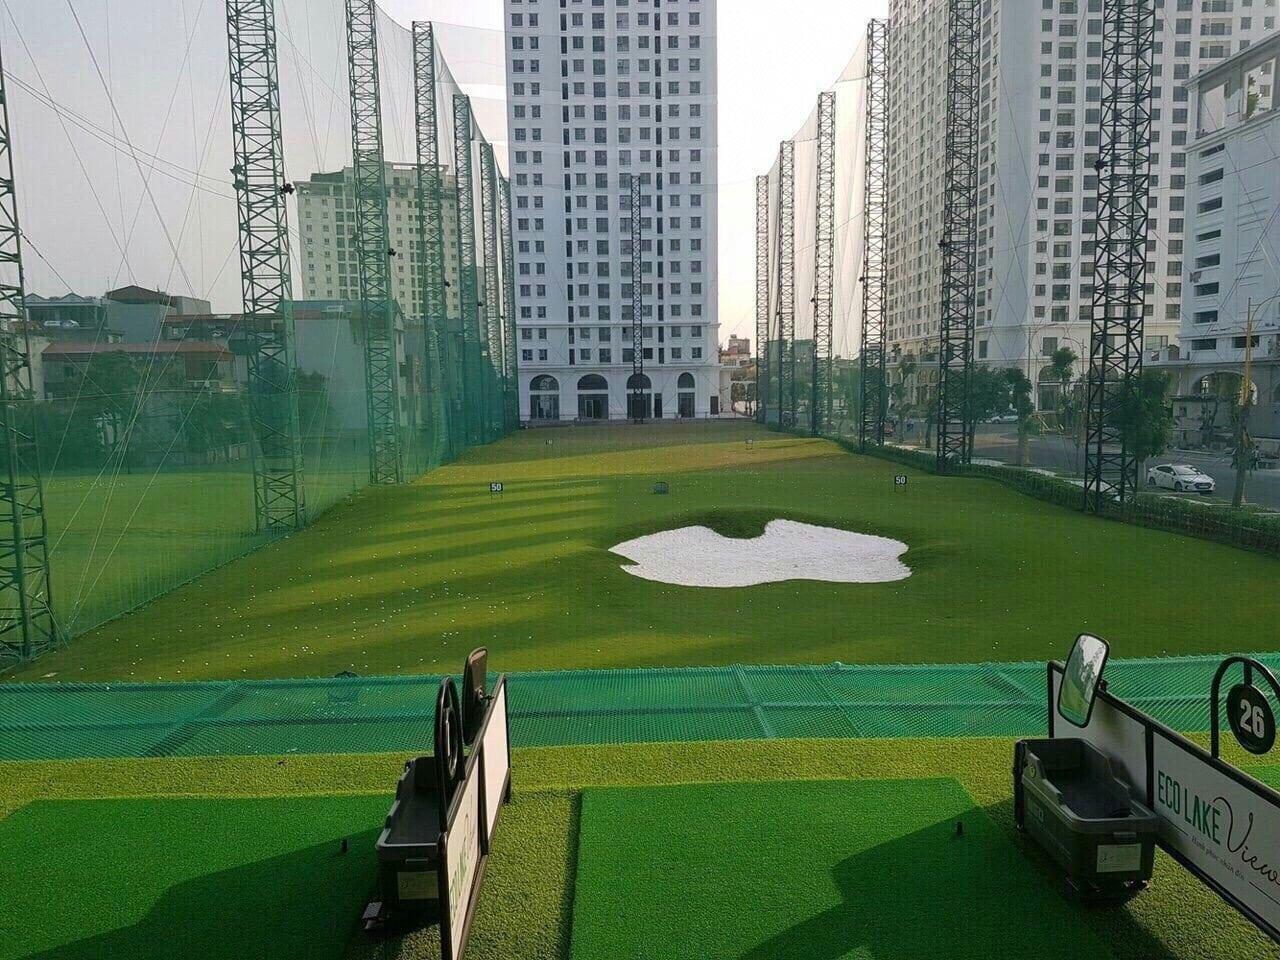 Chung cư Eco Lake View sở hữu mật độ xây dựng 20,7% hiếm hoi tại thủ đô Hà Nội